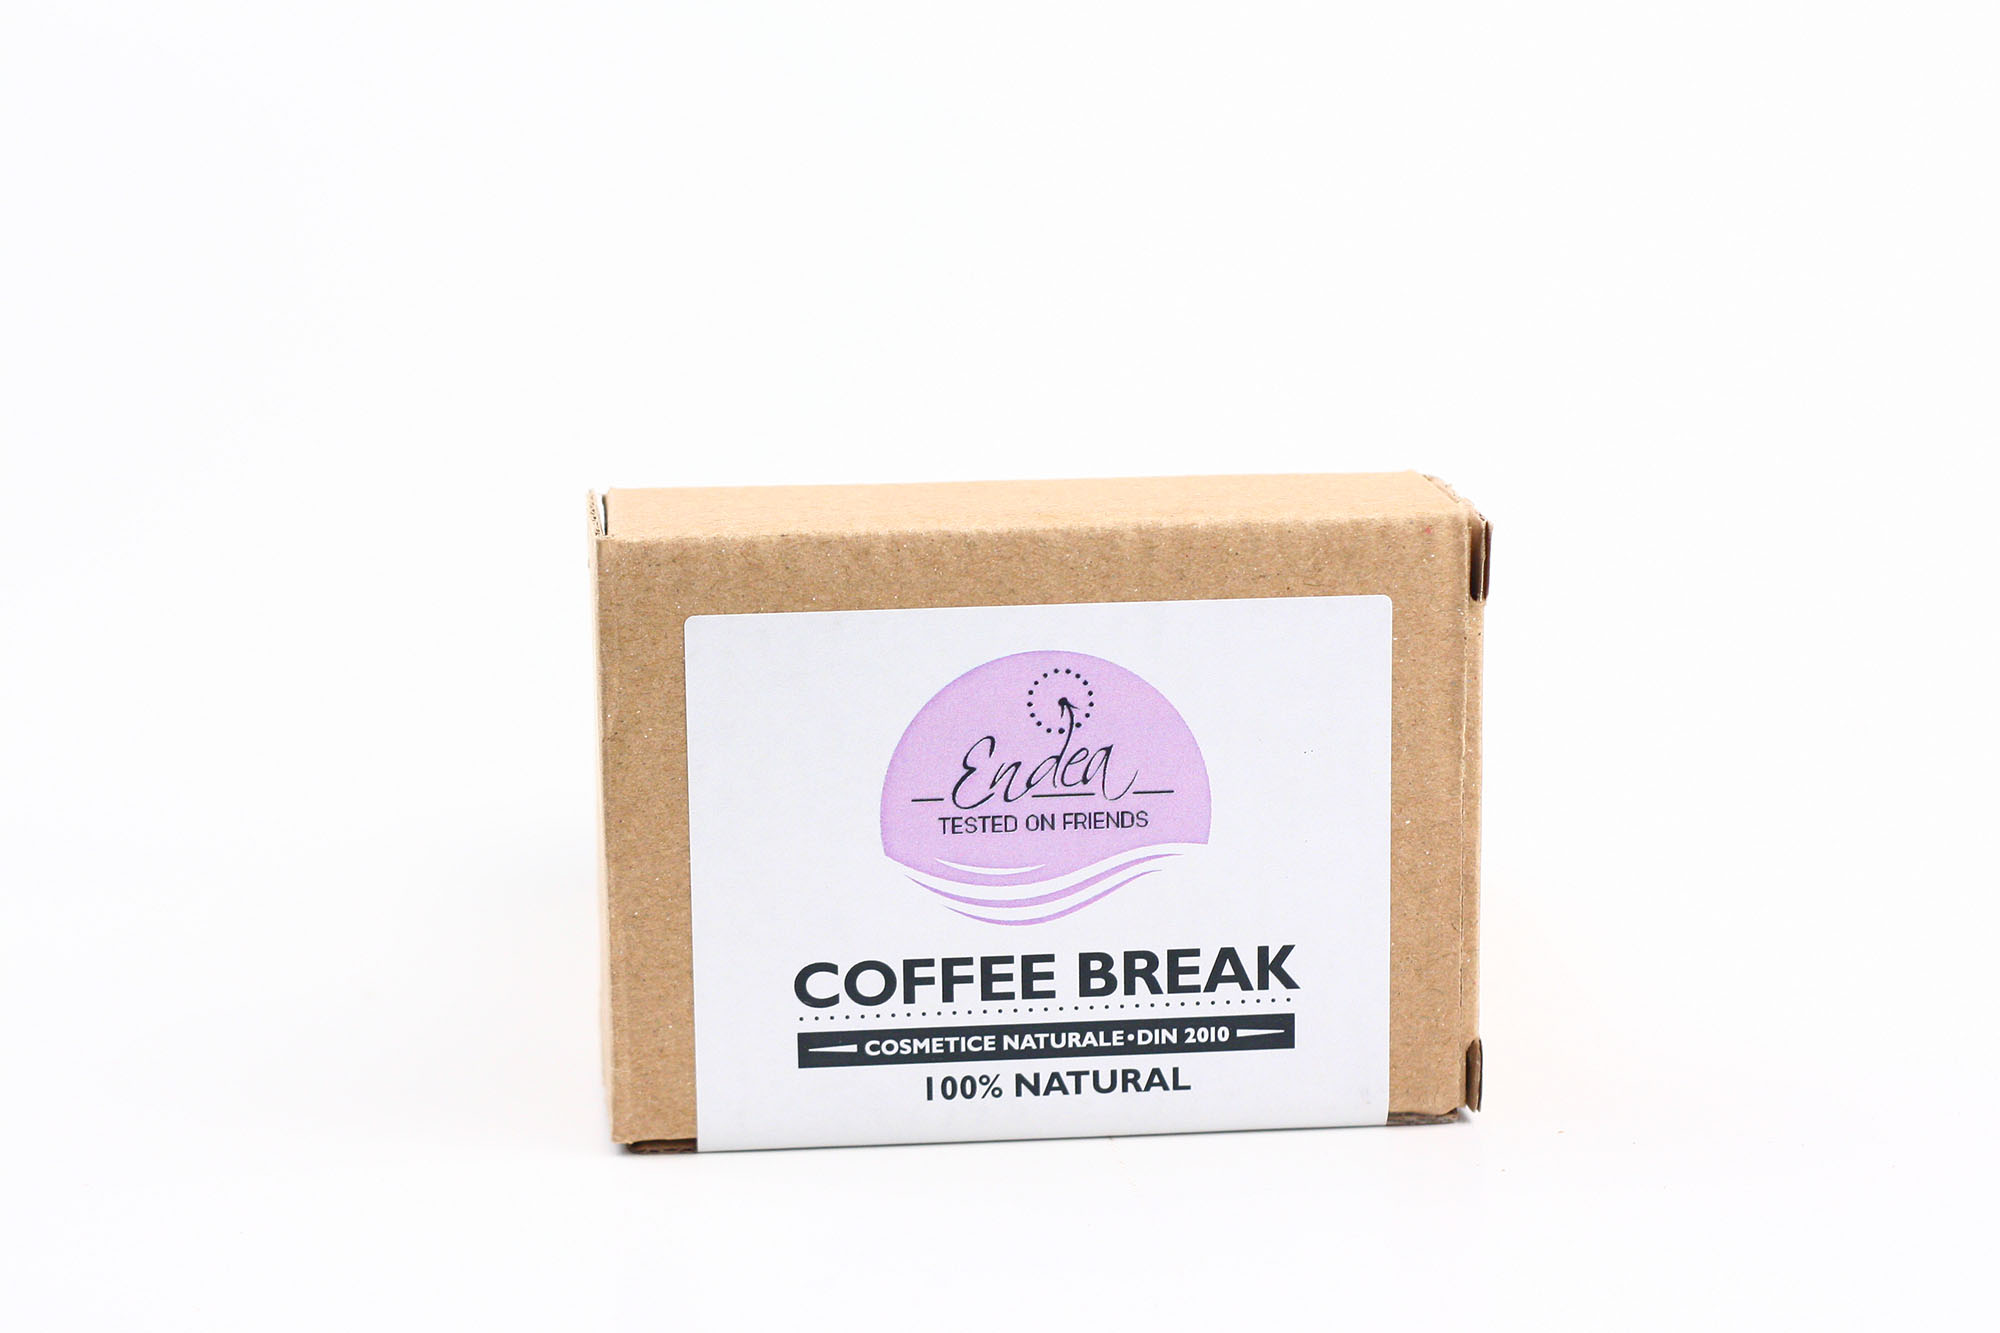 Săpun natural cu cafea şi efect puternic de exfoliere - Coffee Break | Endea - Tested on friends